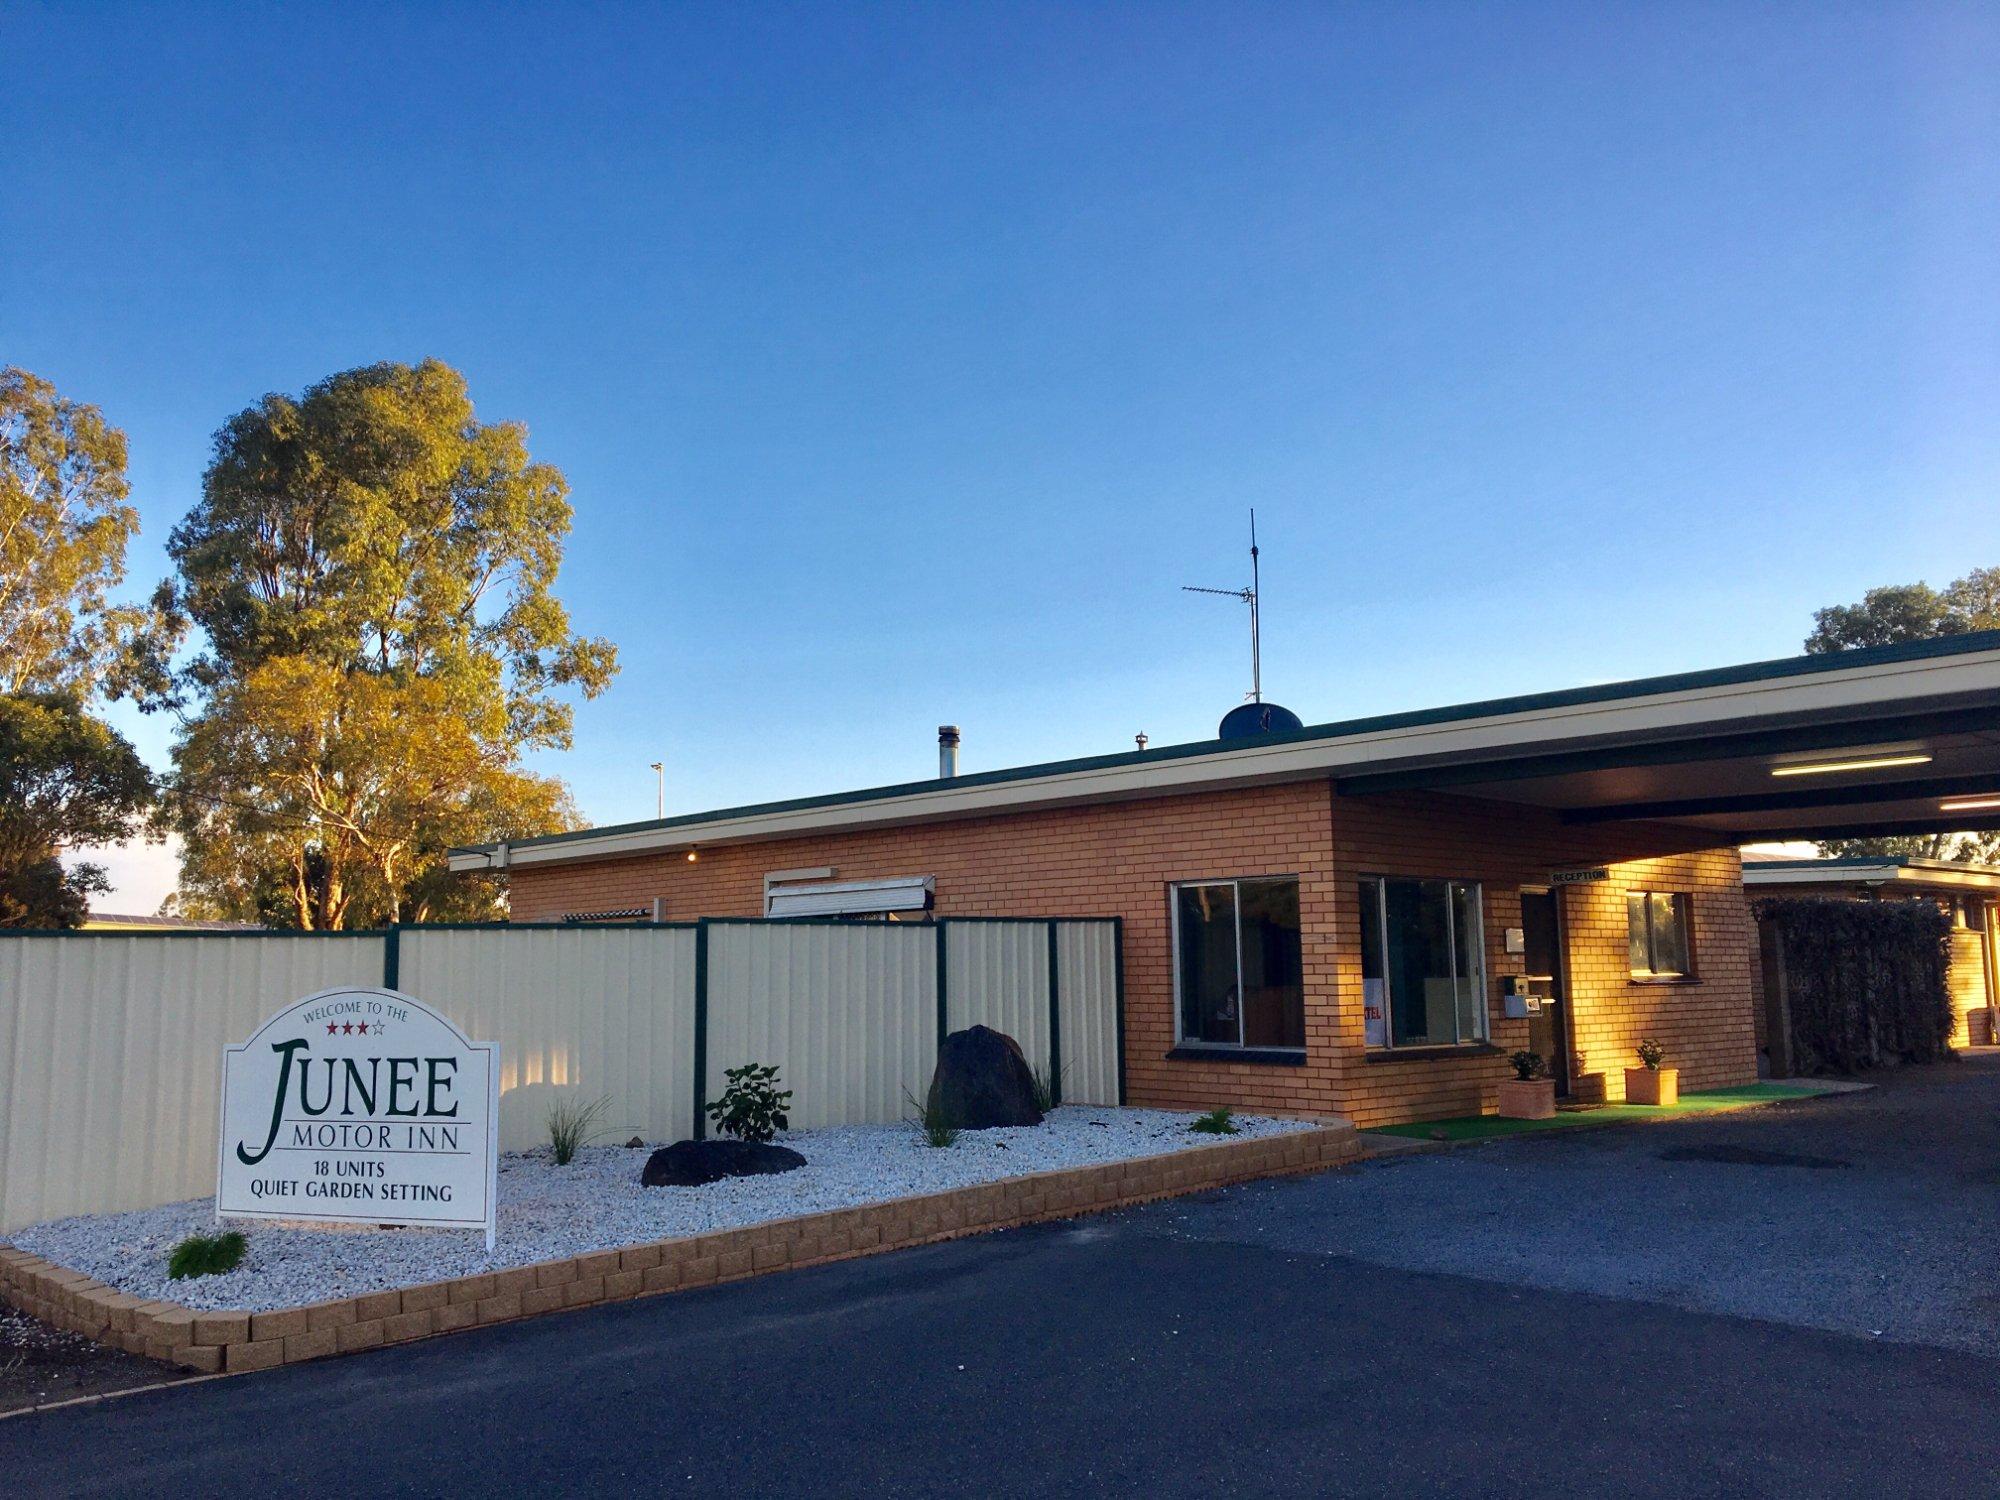 Junee Motor Inn